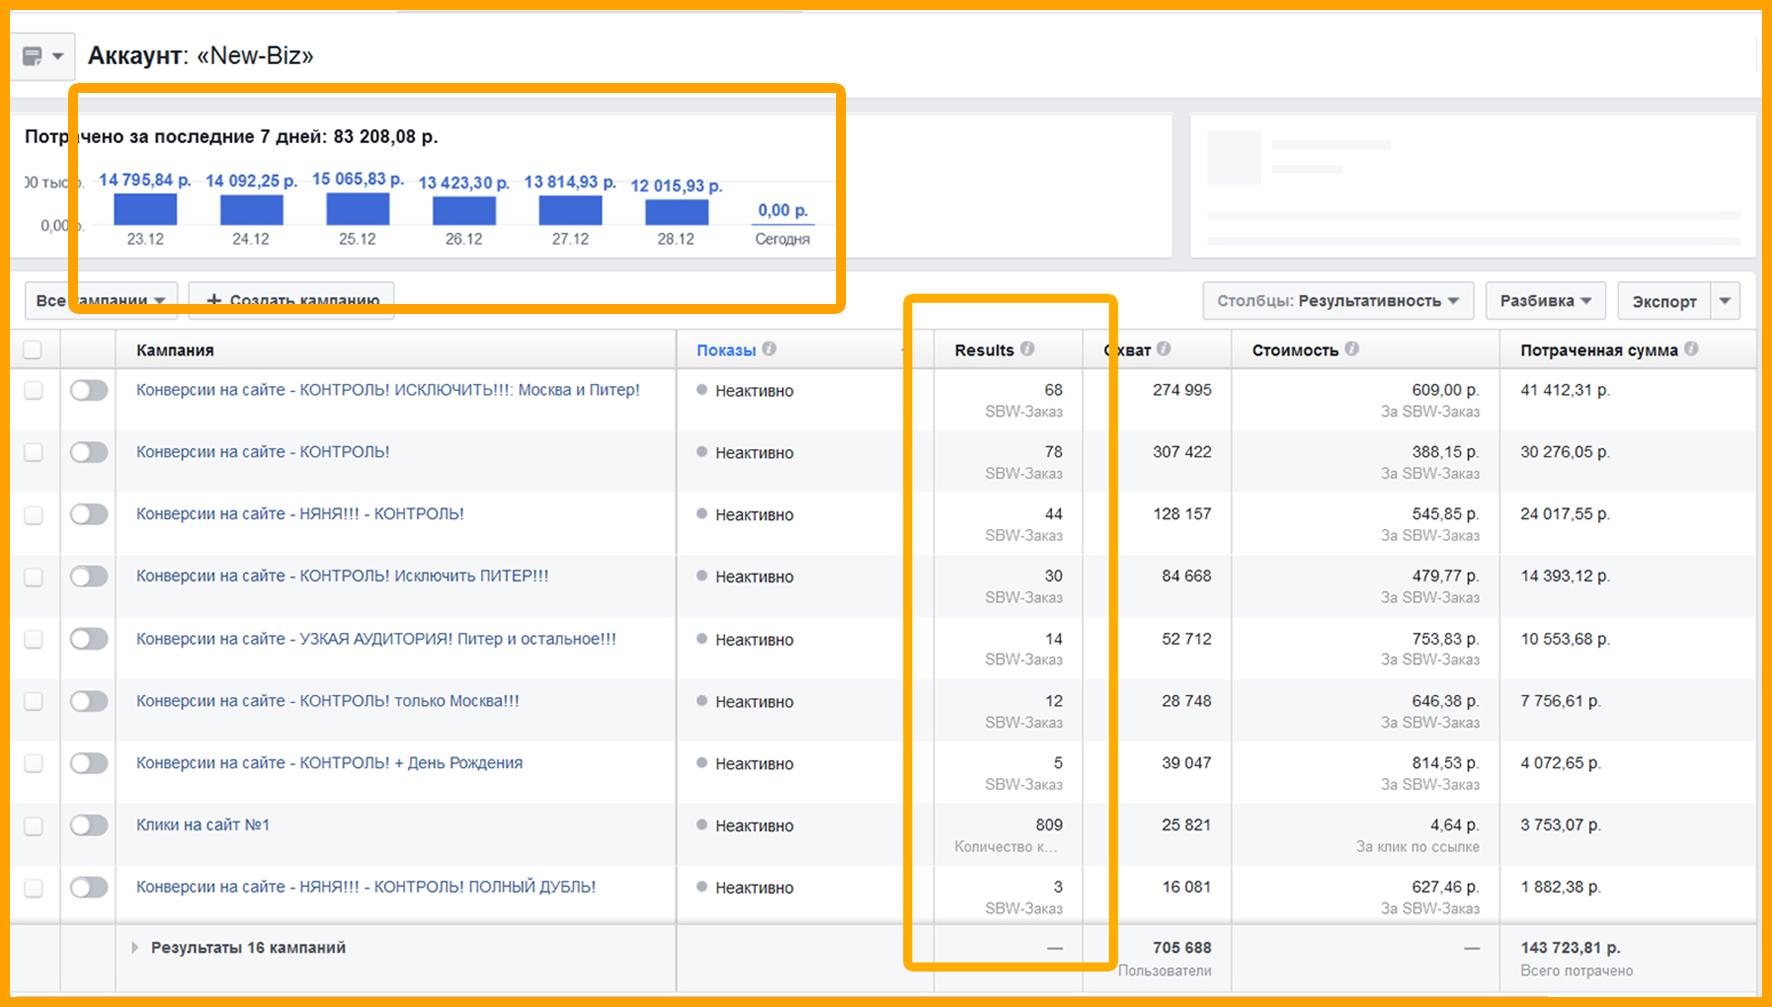 Как выглядел отчет в этом кейсе получения продаж, чтобы пользователи могли оценить бюджет на рекламу.